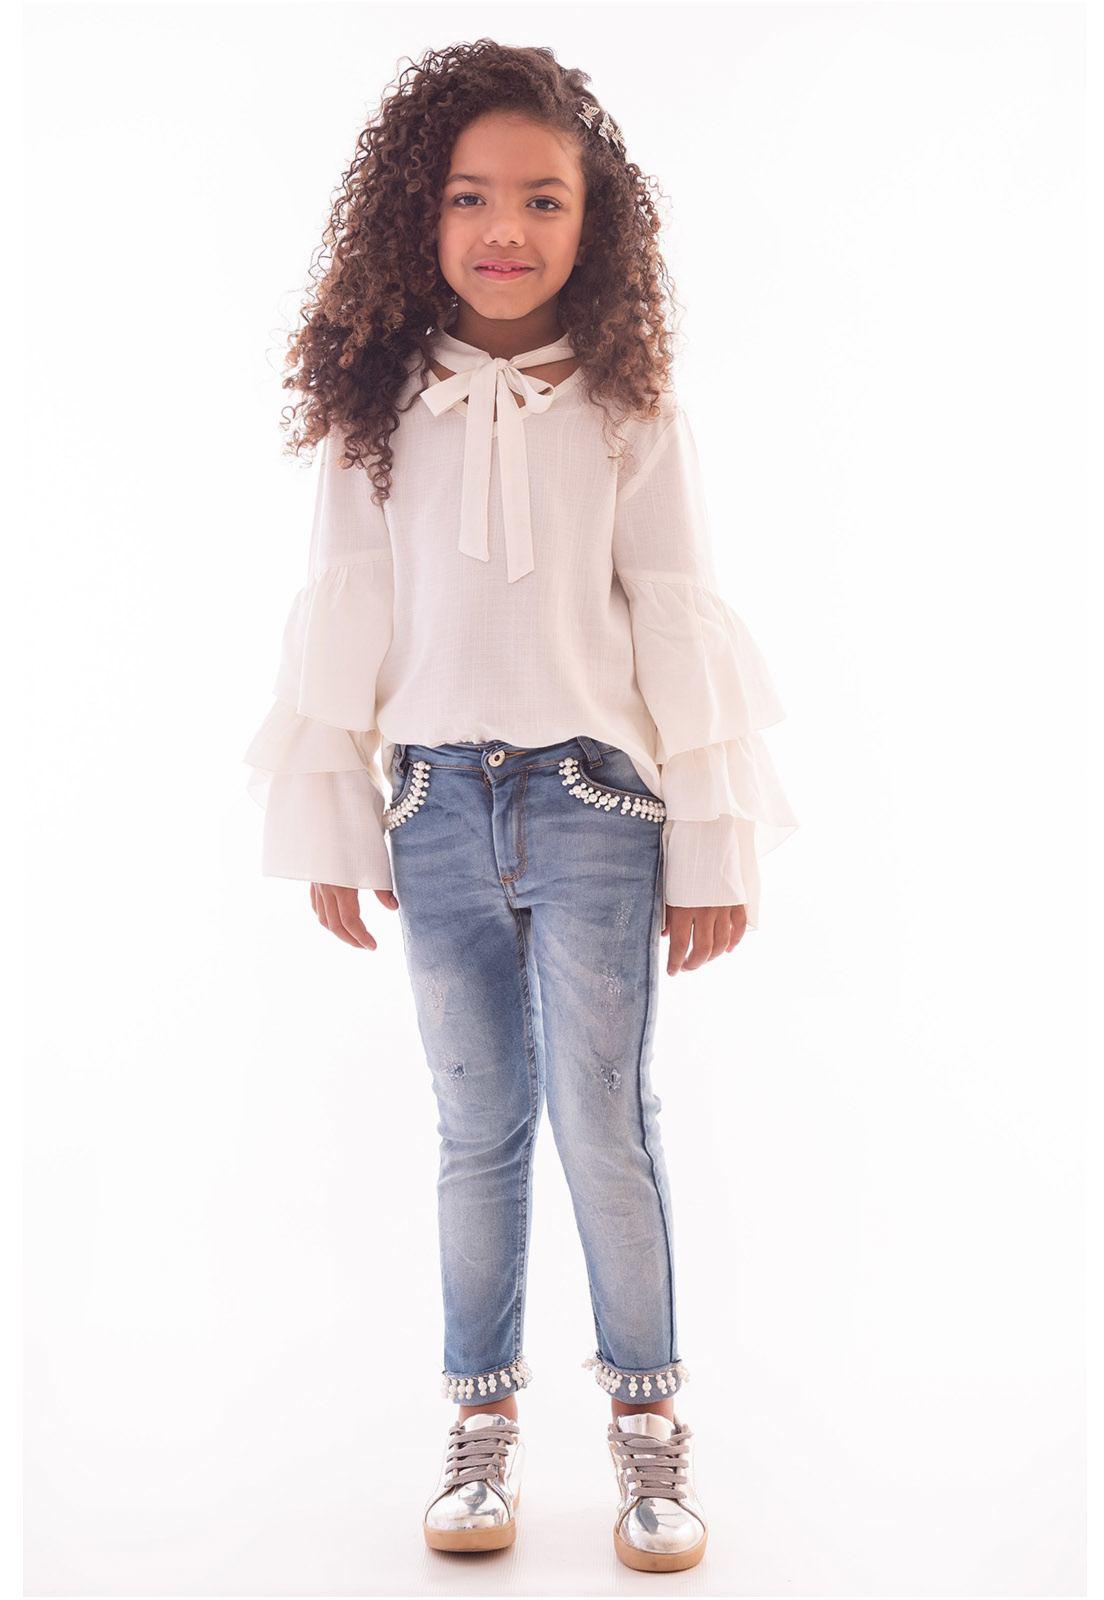 Calça Jeans com Elastano Puídos nas Pernas Ref. 448